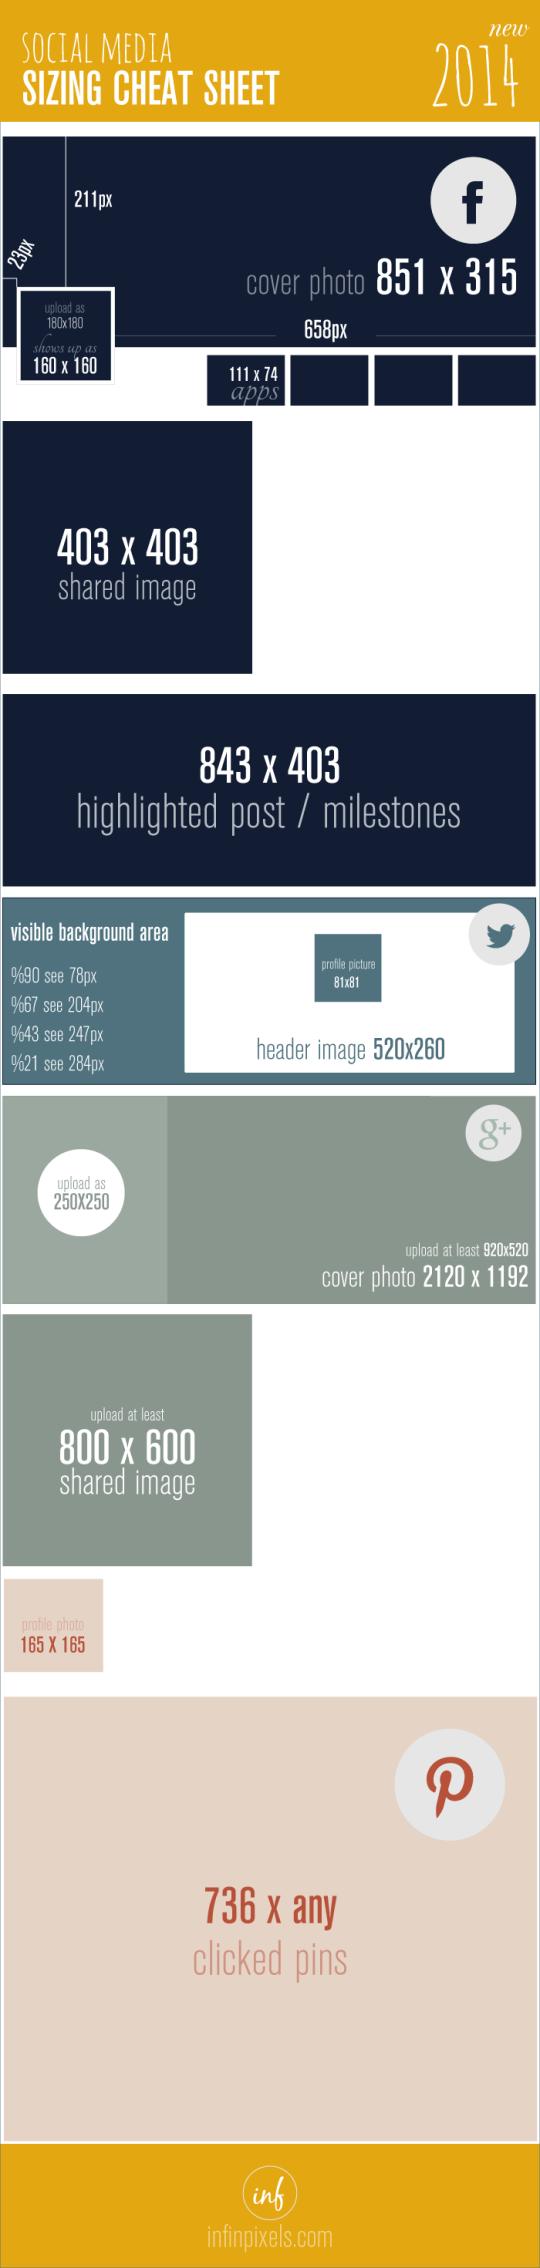 Die BIldergrößen zu Facebook, Twitter, Google+ und Pinterest